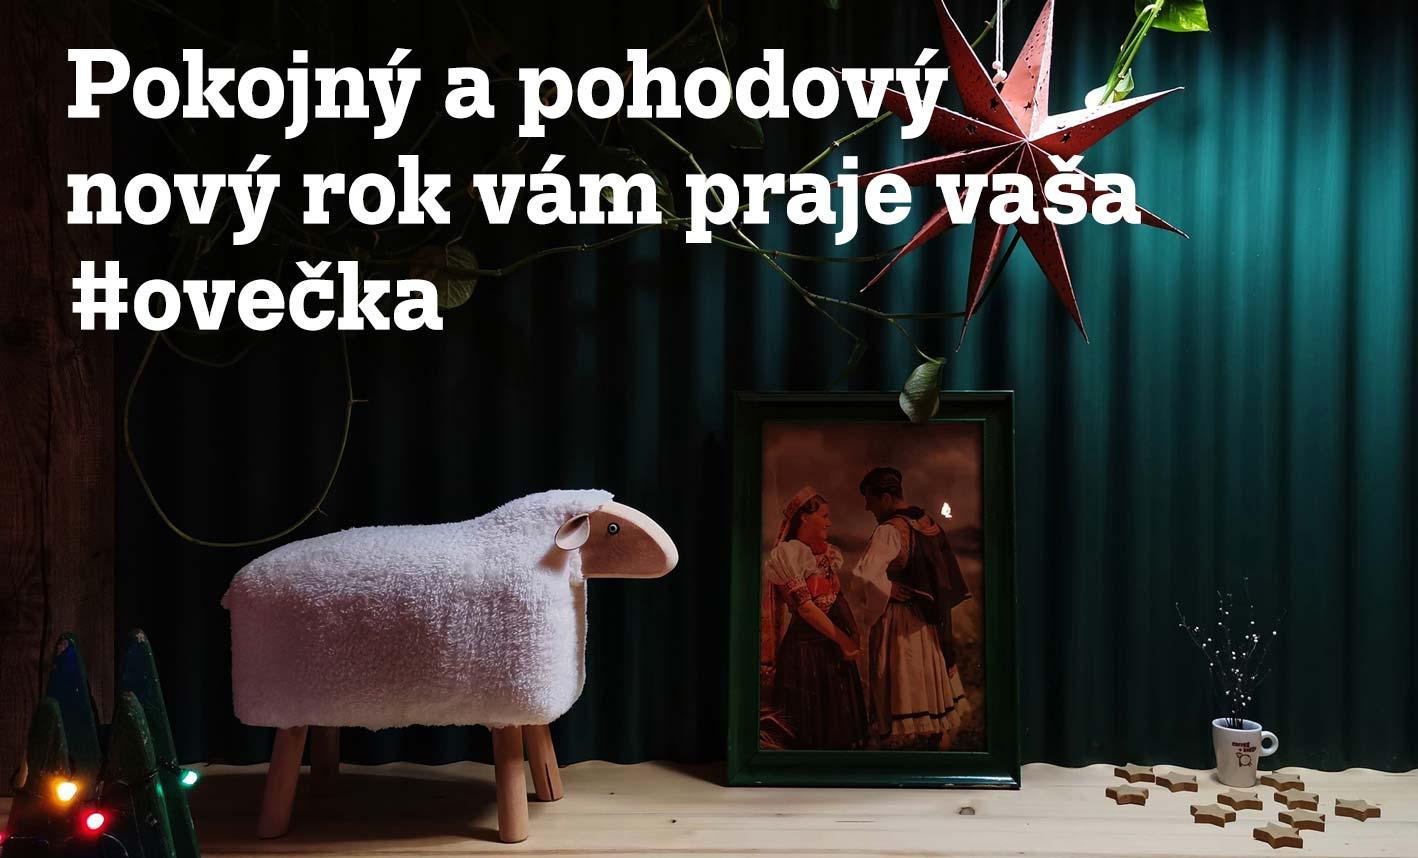 Pokojný a pohodový nový rok vám praje vaša #ovečka